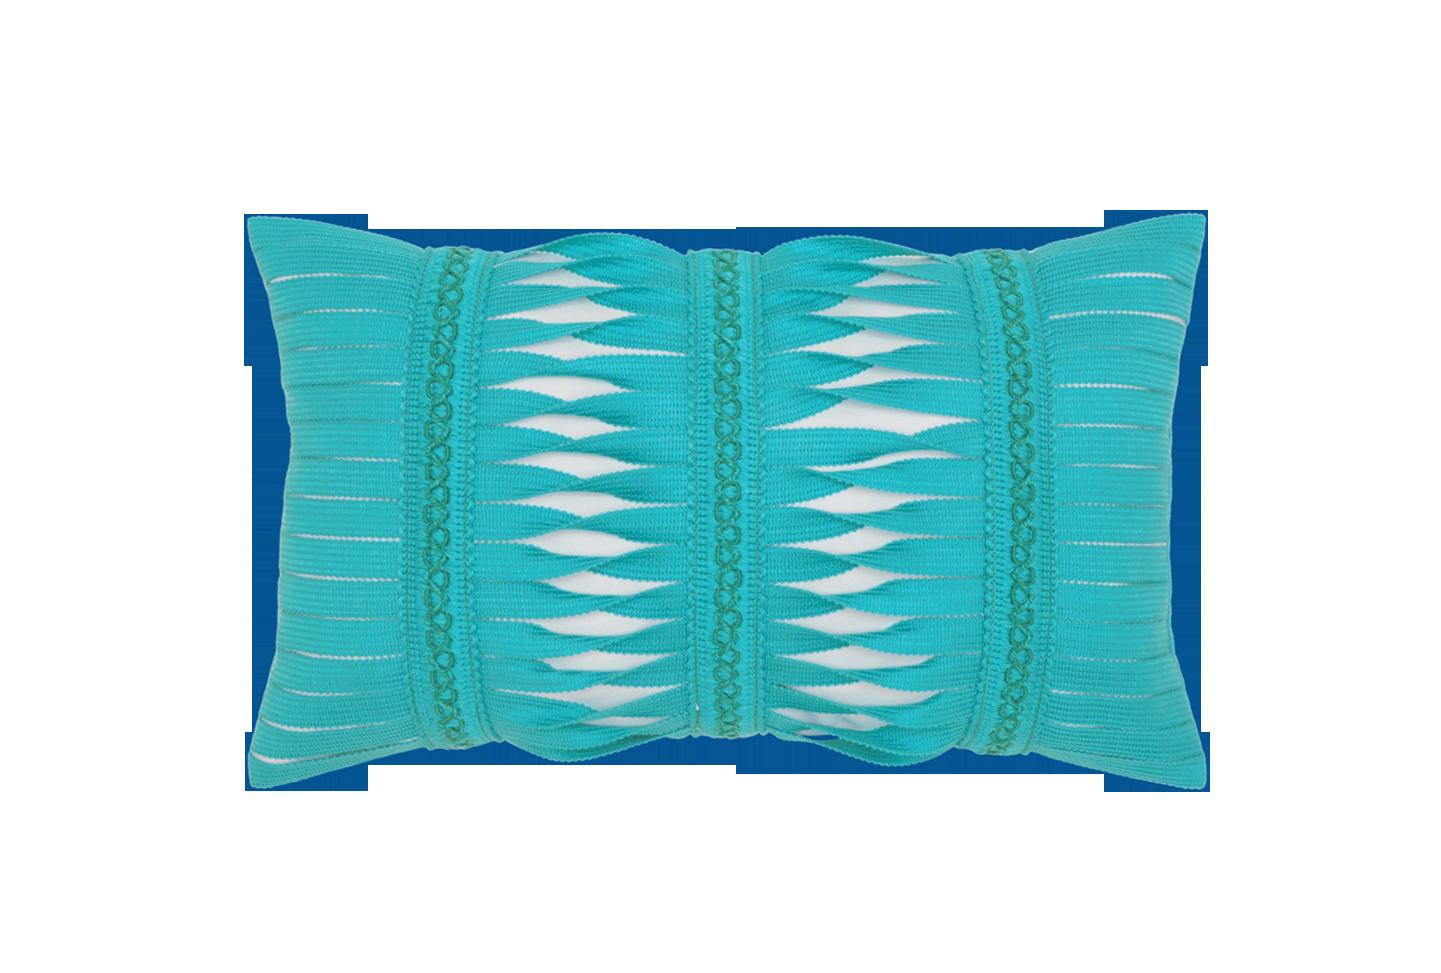 Art of the Pillow